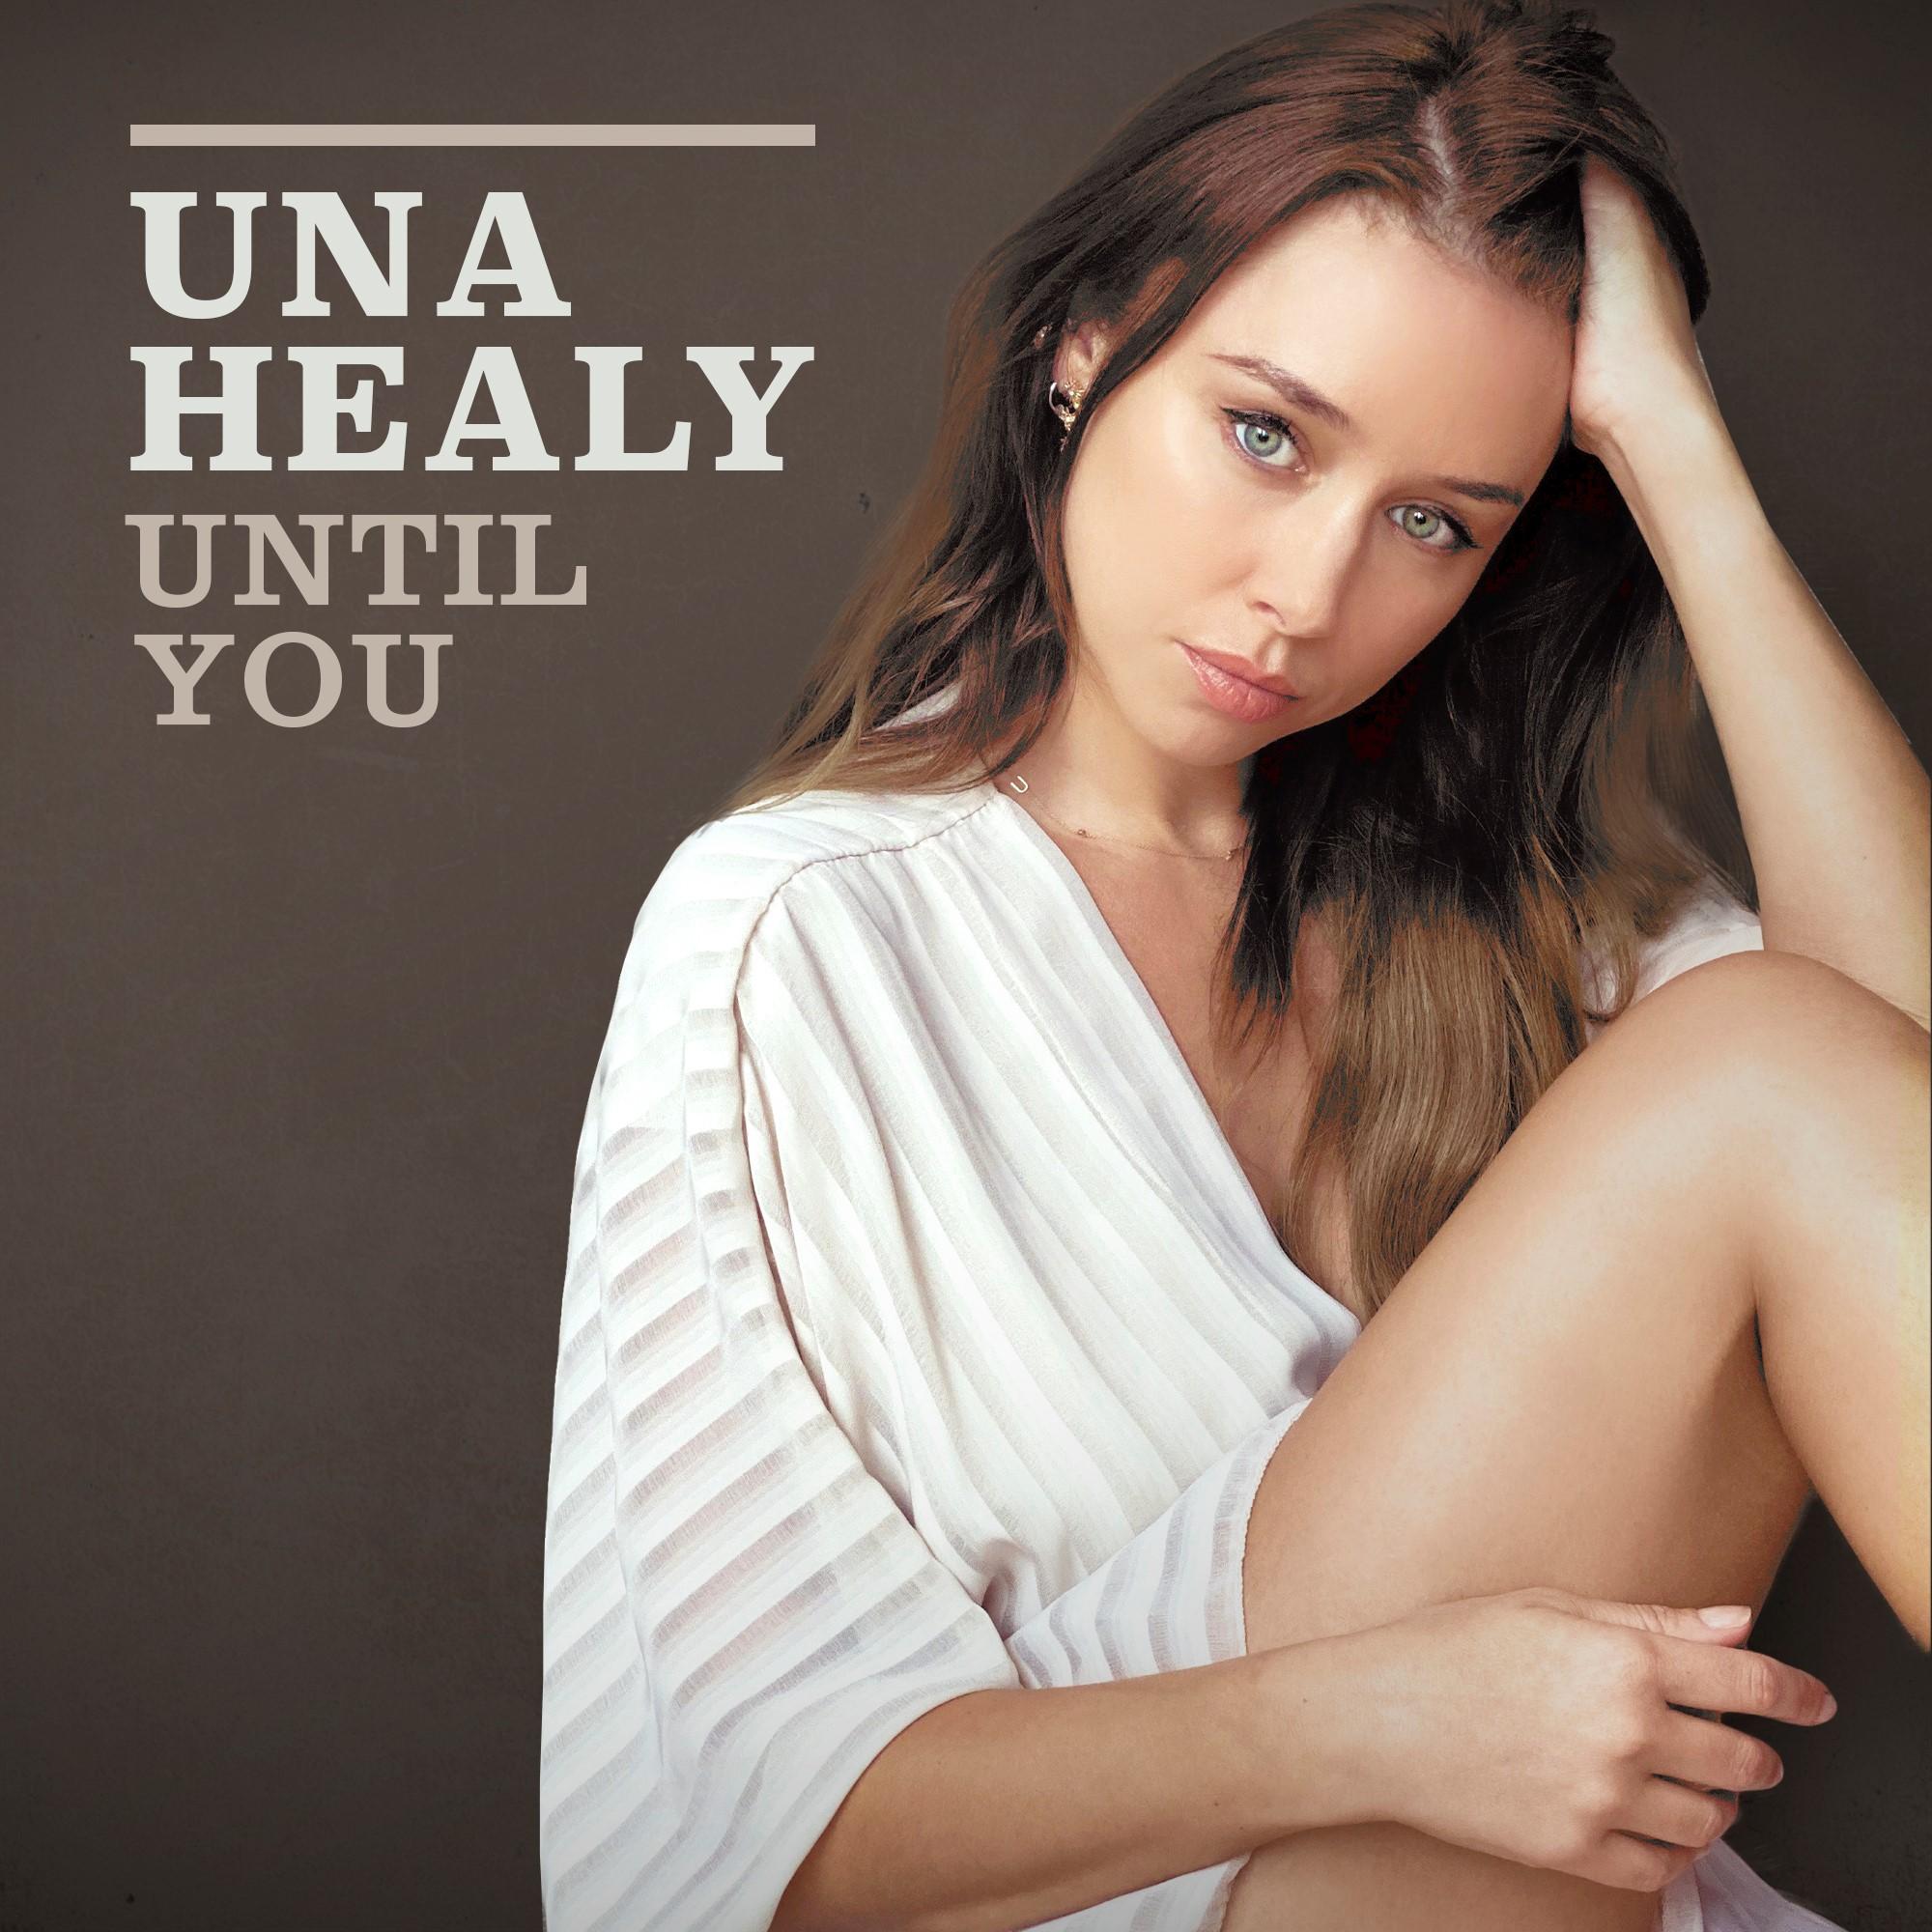 Una Healy